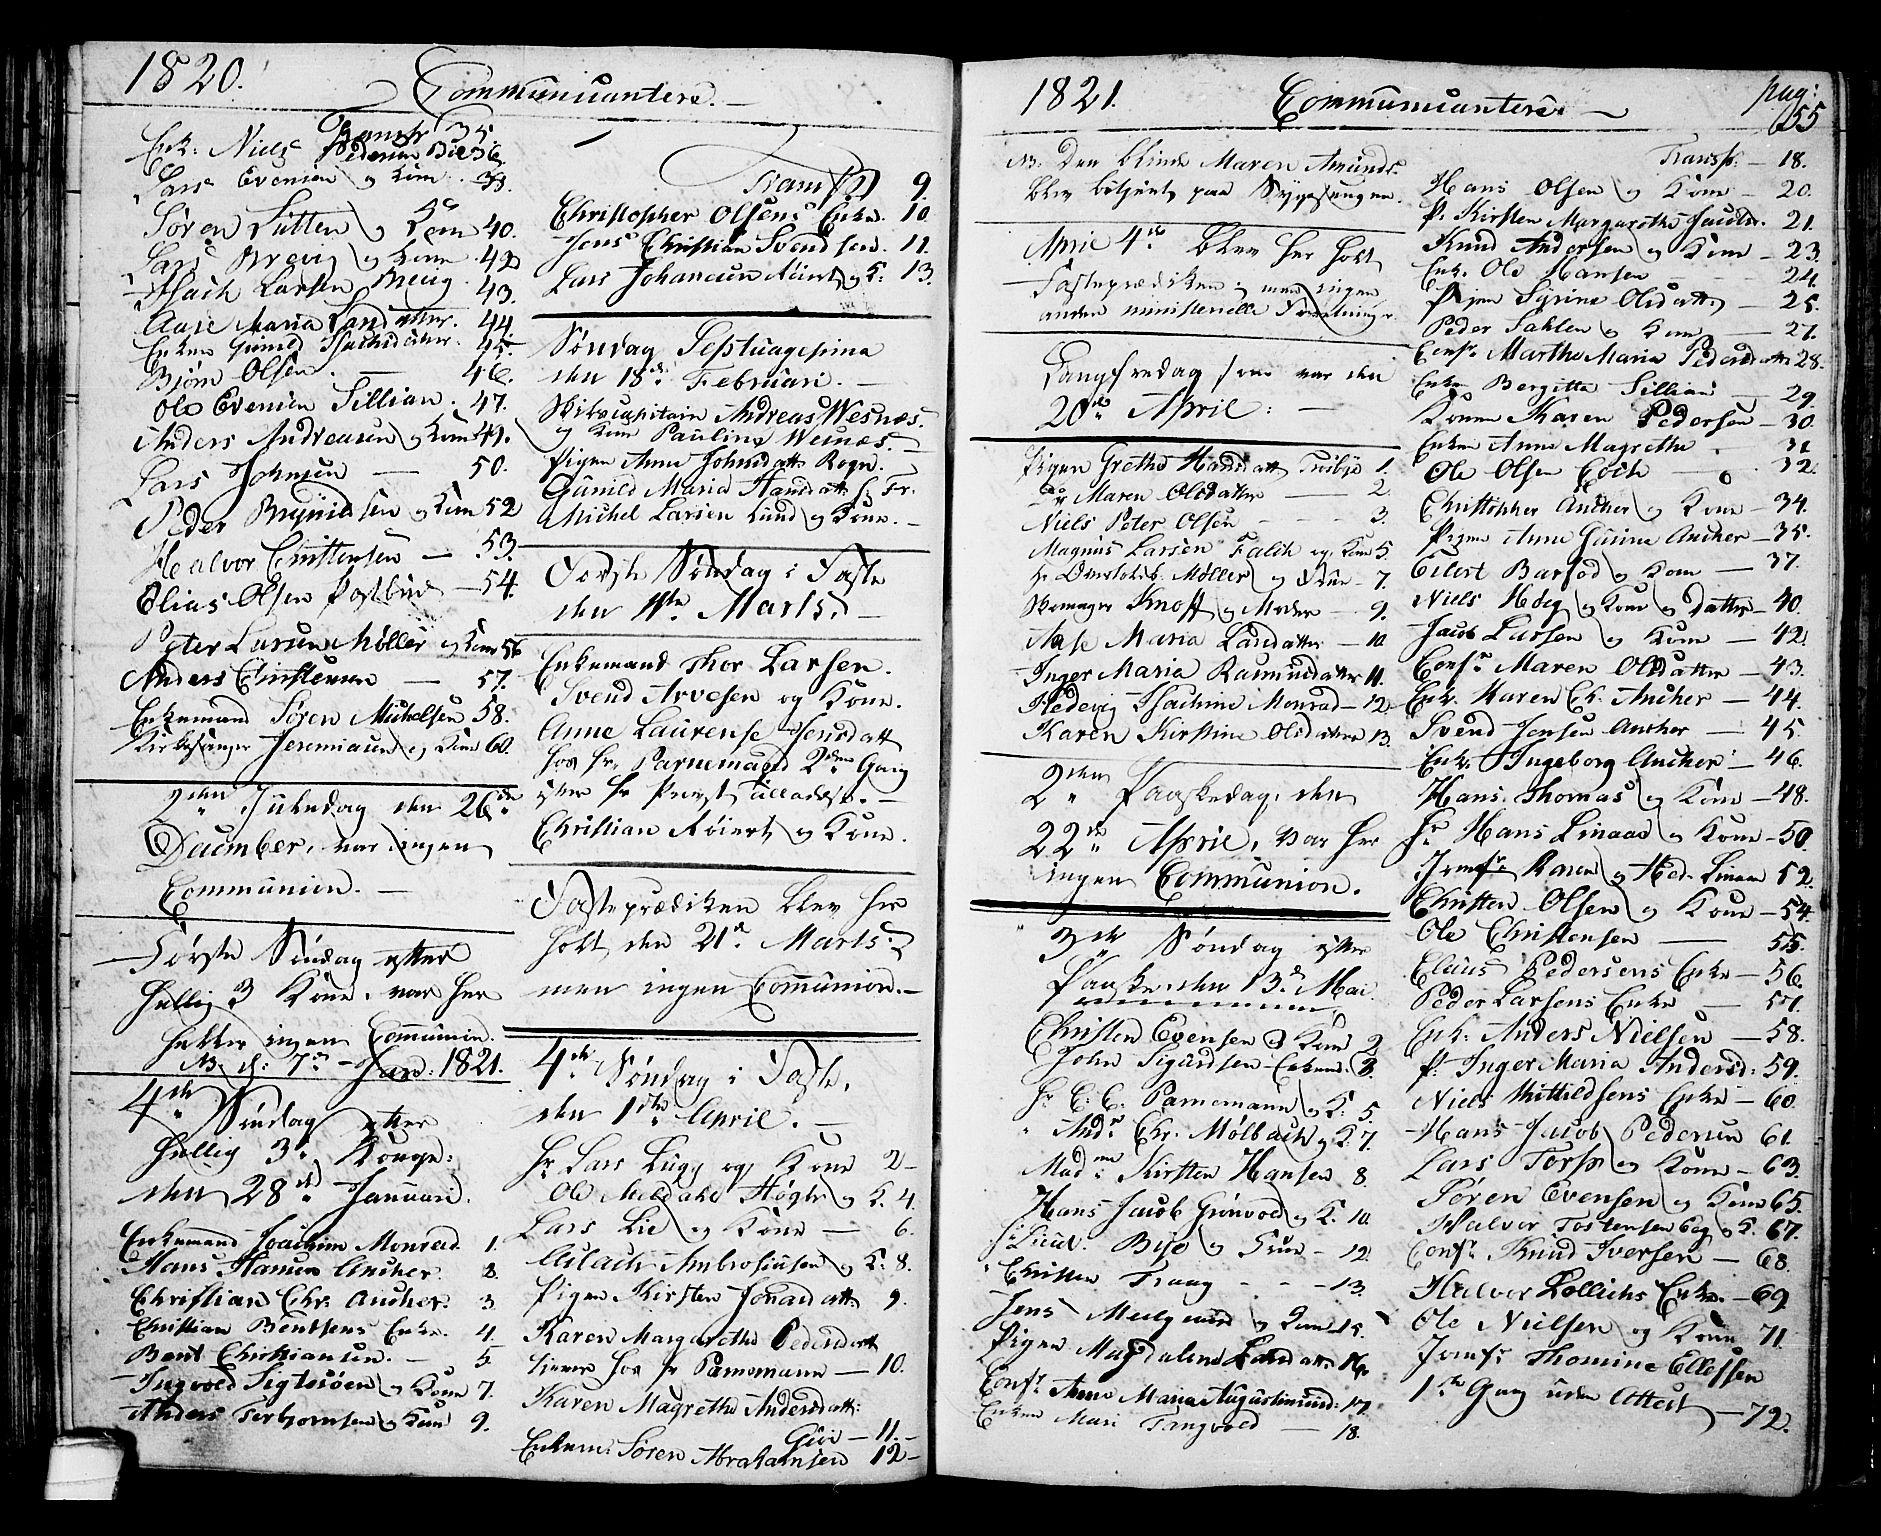 SAKO, Langesund kirkebøker, G/Ga/L0002: Klokkerbok nr. 2, 1801-1815, s. 55